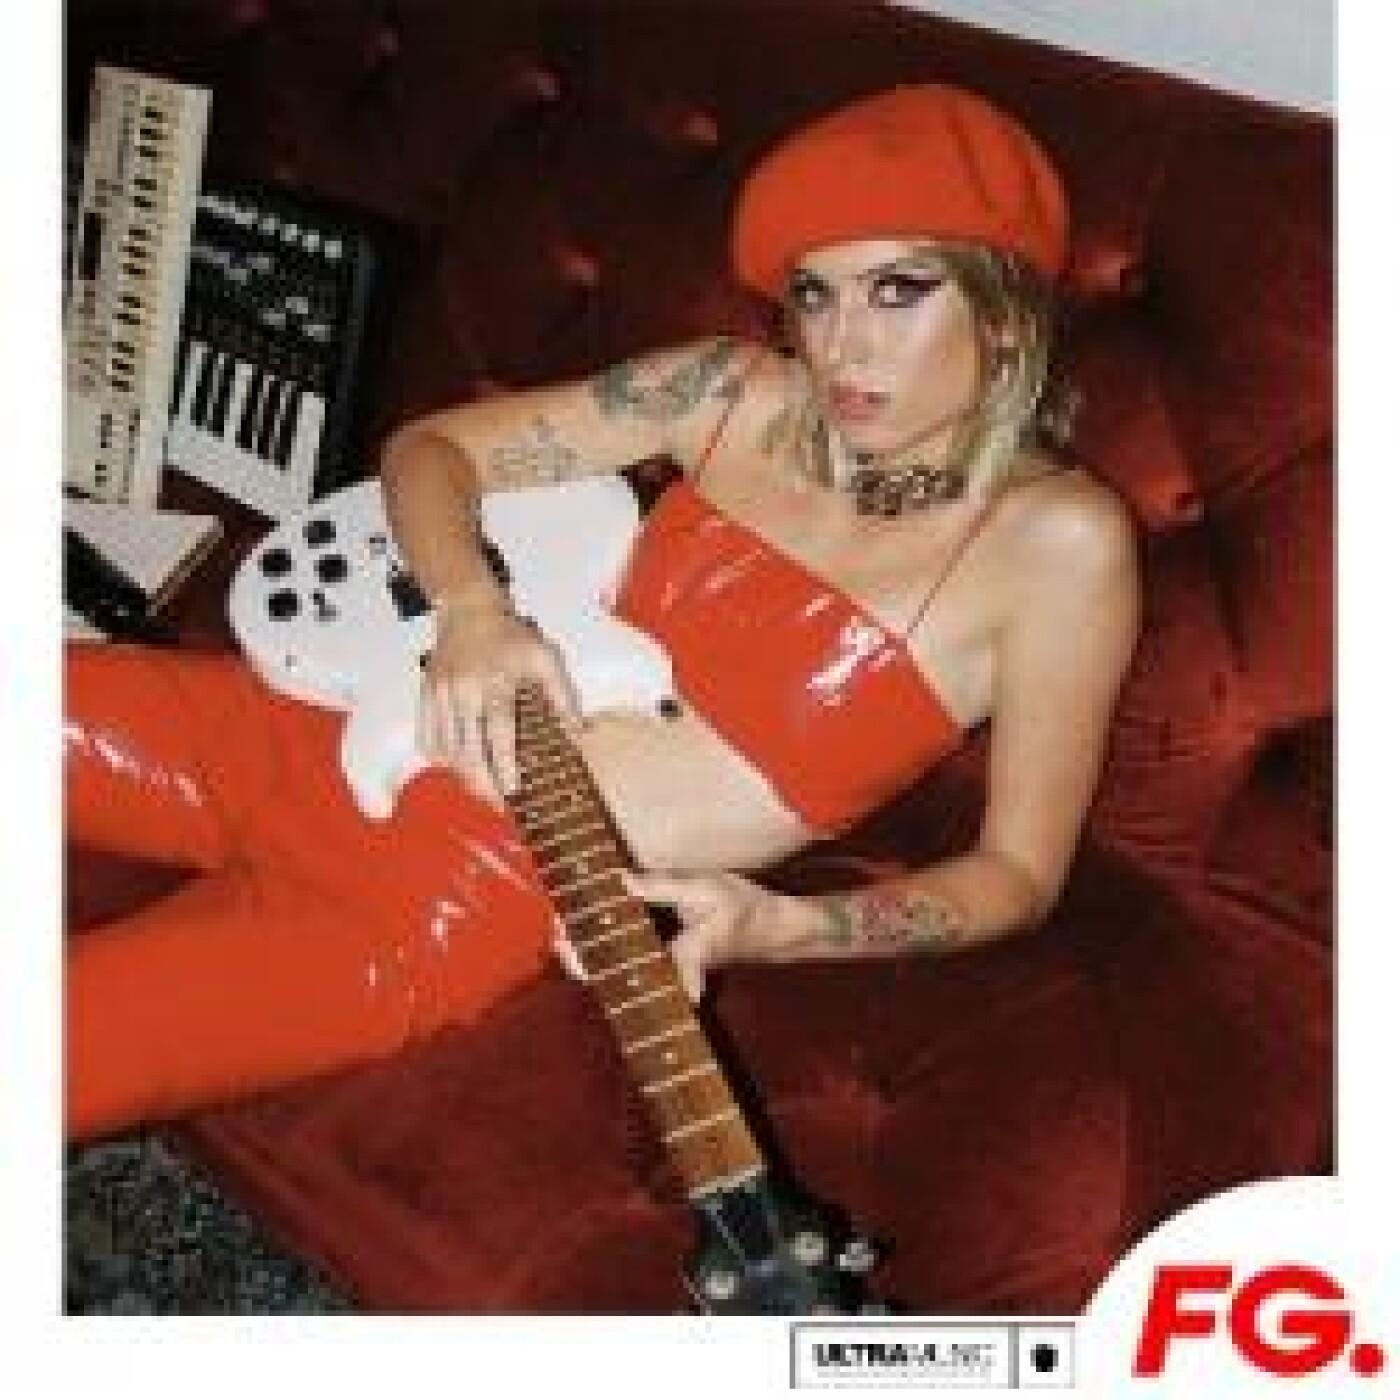 CLUB FG : ANABEL ENGLUND